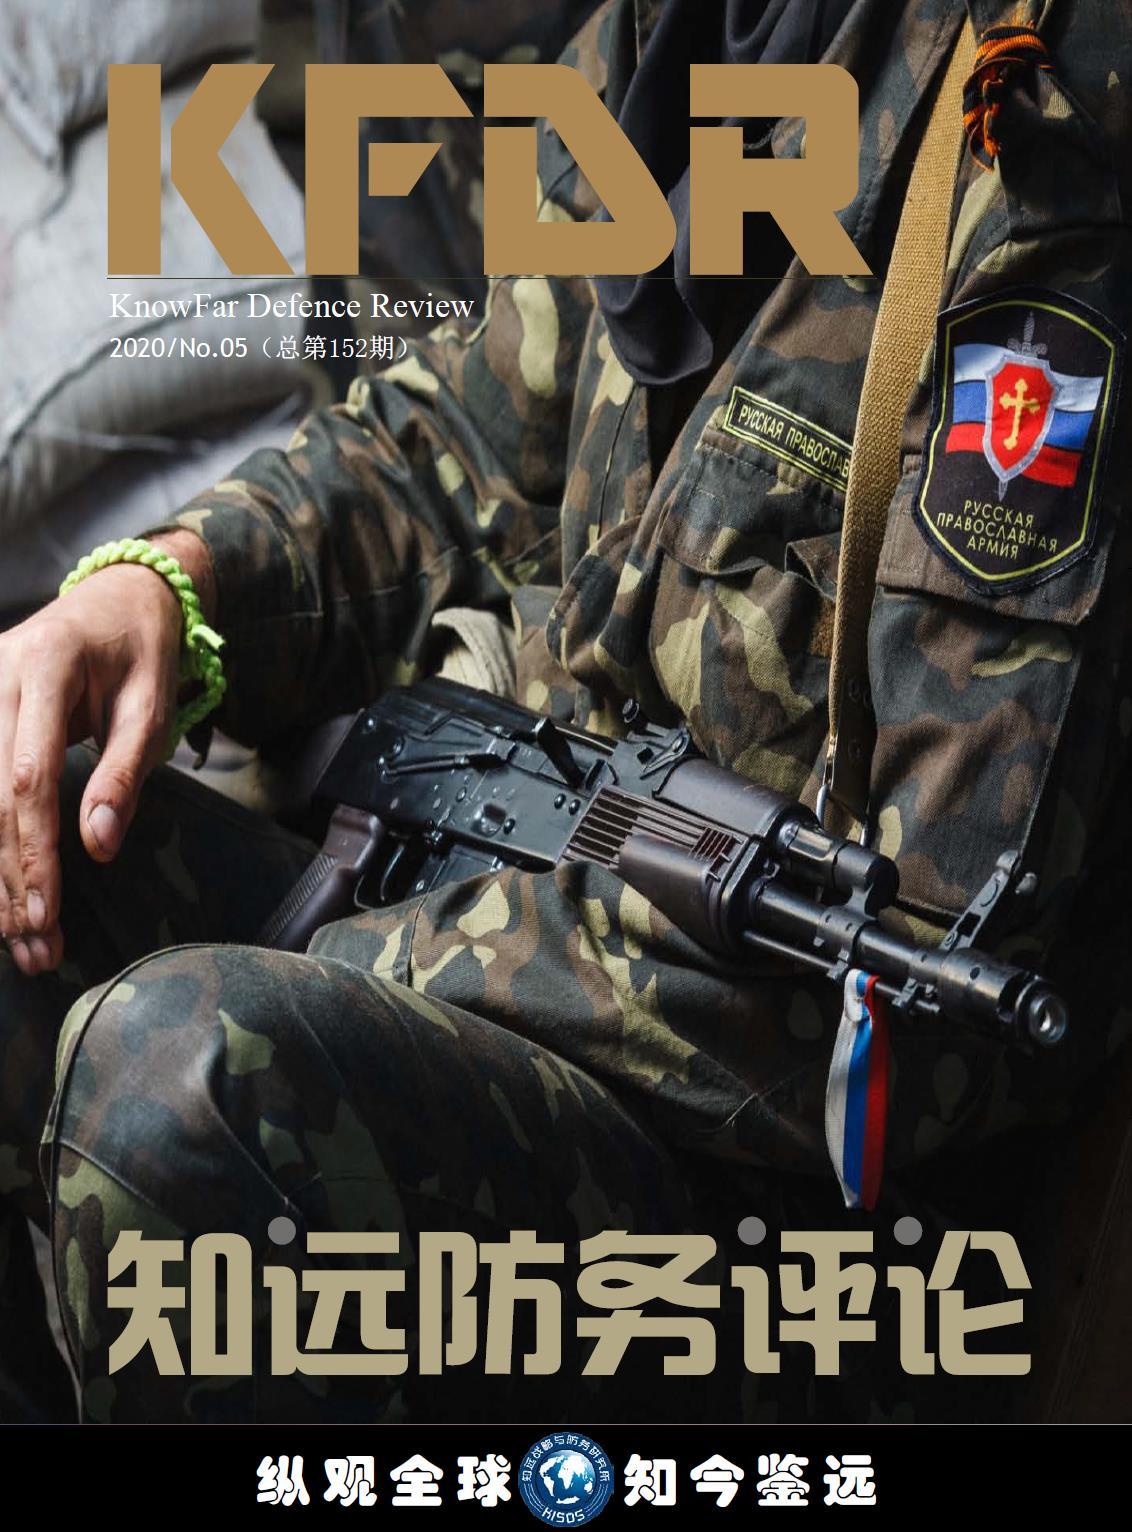 《知远防务评论》2020No.05(总第152期)